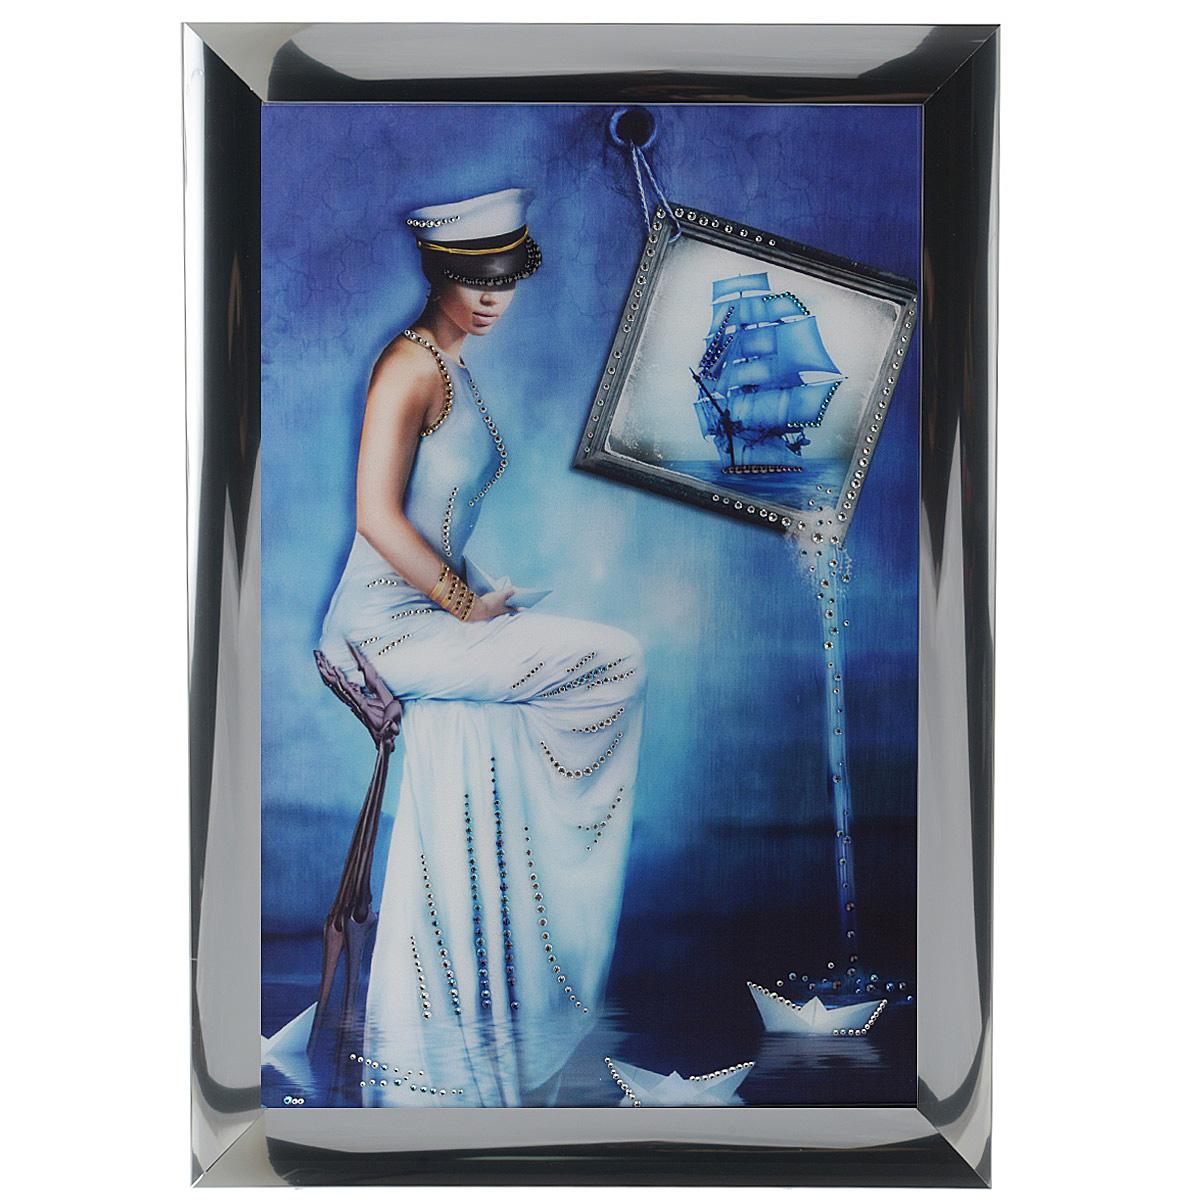 Картина с кристаллами Swarovski Морская дама, 47 см х 67 см853063Изящная картина в алюминиевой раме Морская дама инкрустирована кристаллами Swarovski, которые отличаются четкой и ровной огранкой, ярким блеском и чистотой цвета. Идеально подобранная палитра кристаллов прекрасно дополняет картину. С задней стороны изделие оснащено специальной металлической петелькой для размещения на стене. Картина с кристаллами Swarovski элегантно украсит интерьер дома, а также станет прекрасным подарком, который обязательно понравится получателю. Блеск кристаллов в интерьере - что может быть сказочнее и удивительнее. Изделие упаковано в подарочную картонную коробку синего цвета и комплектуется сертификатом соответствия Swarovski.